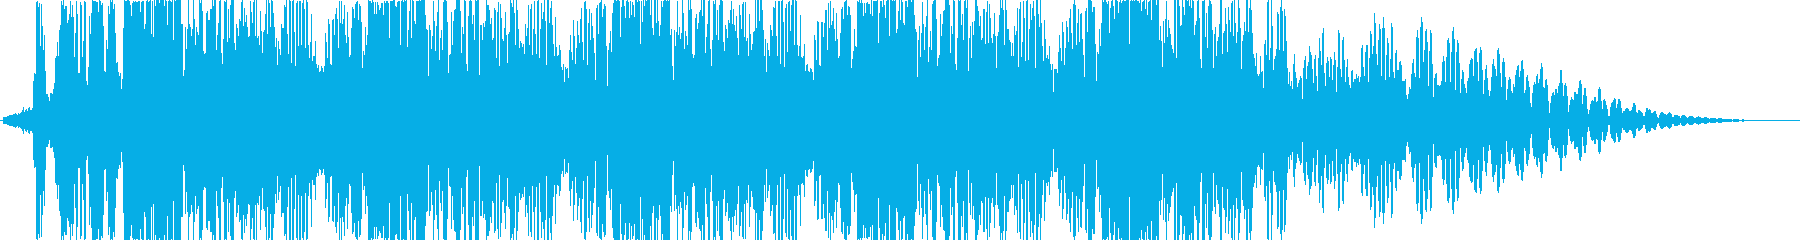 【SF】 Gunshot 03 連射の再生済みの波形